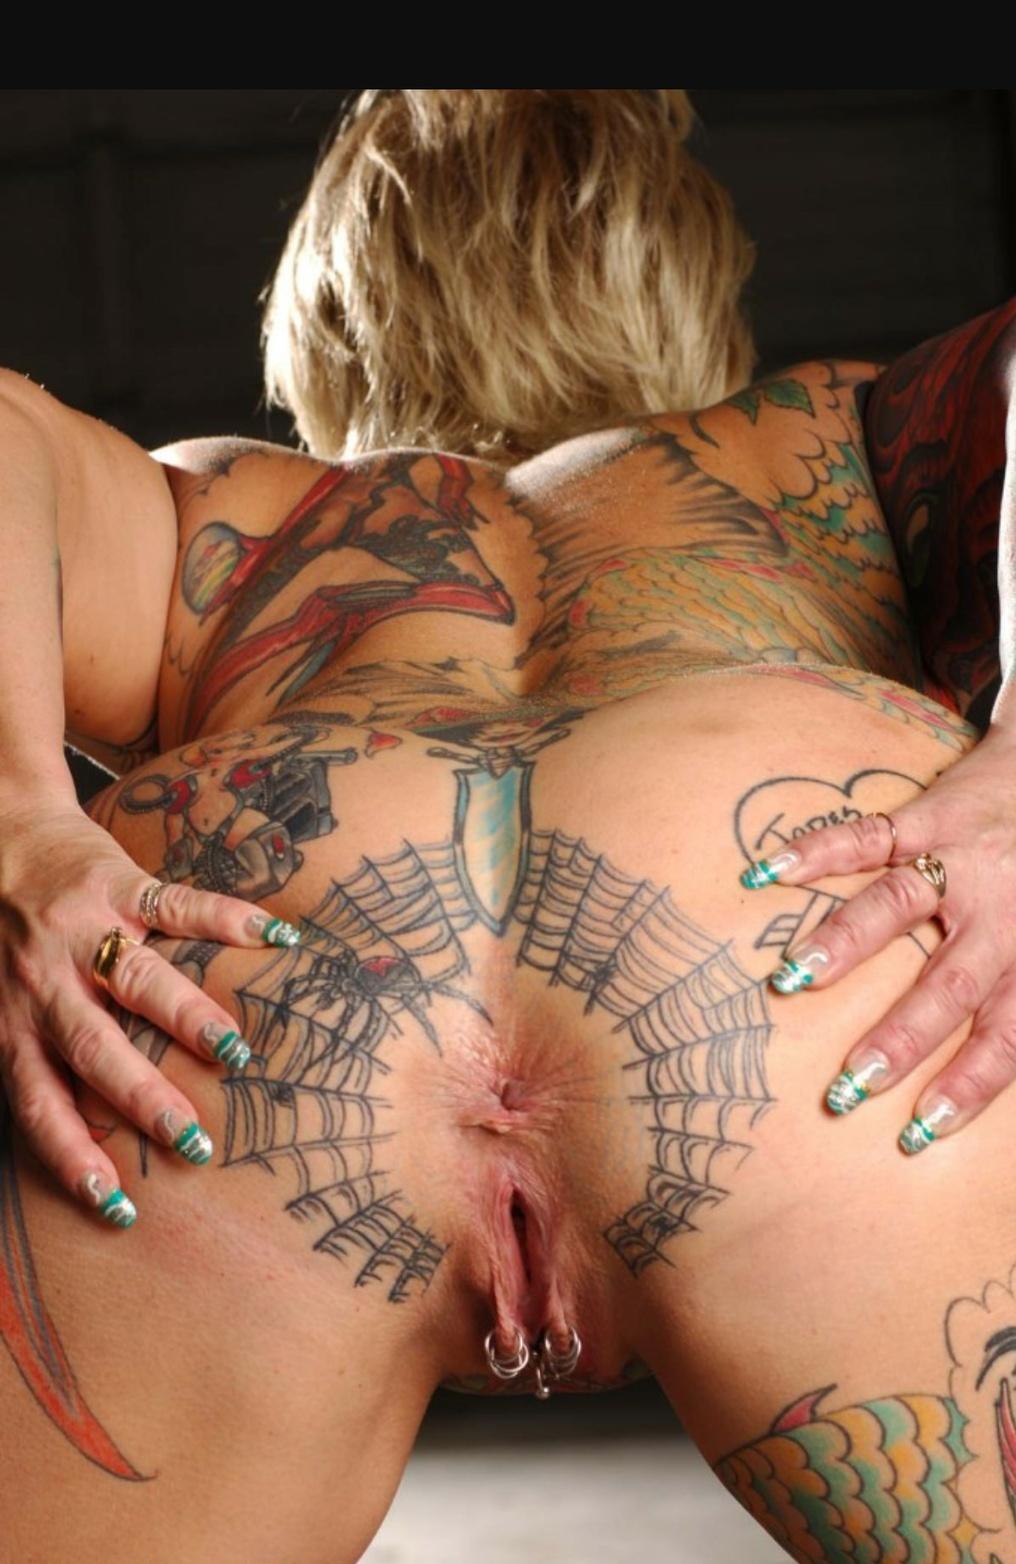 tatuirovka-devushka-seks